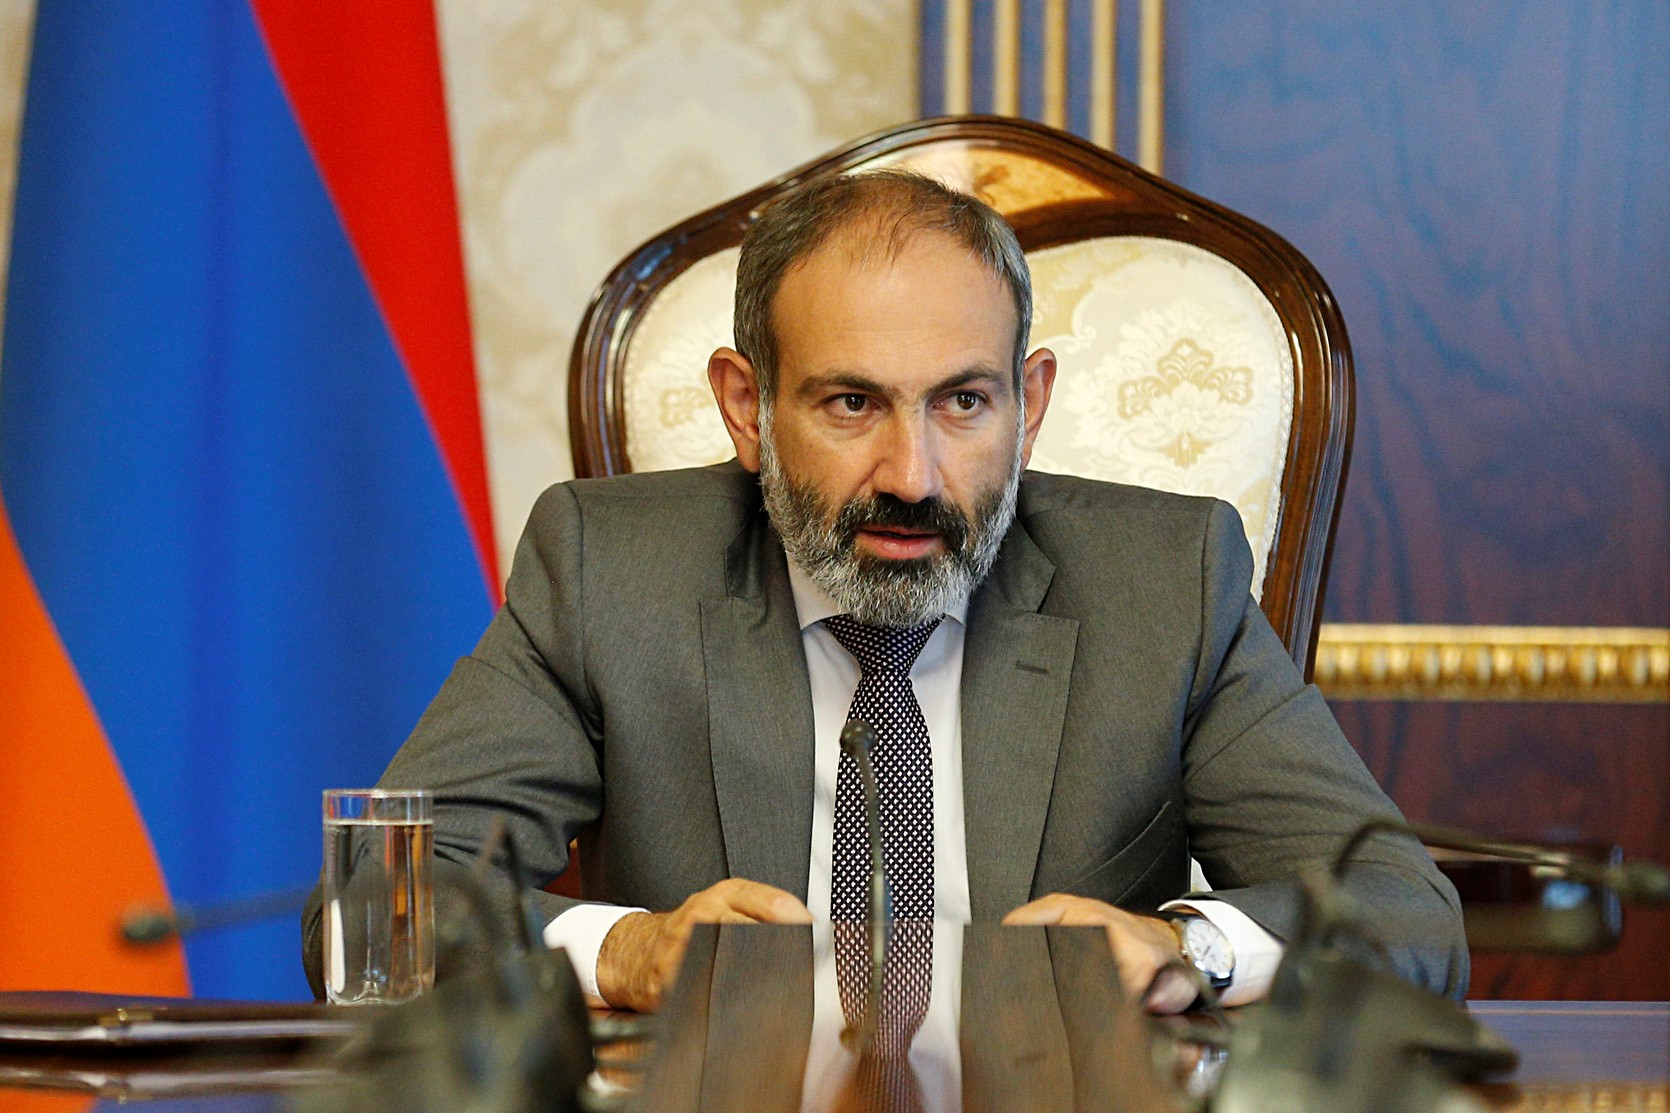 Премьер-министру Пашиняну необходимо переизбрание парламента, чтобы новое большинство сформировали его союзники